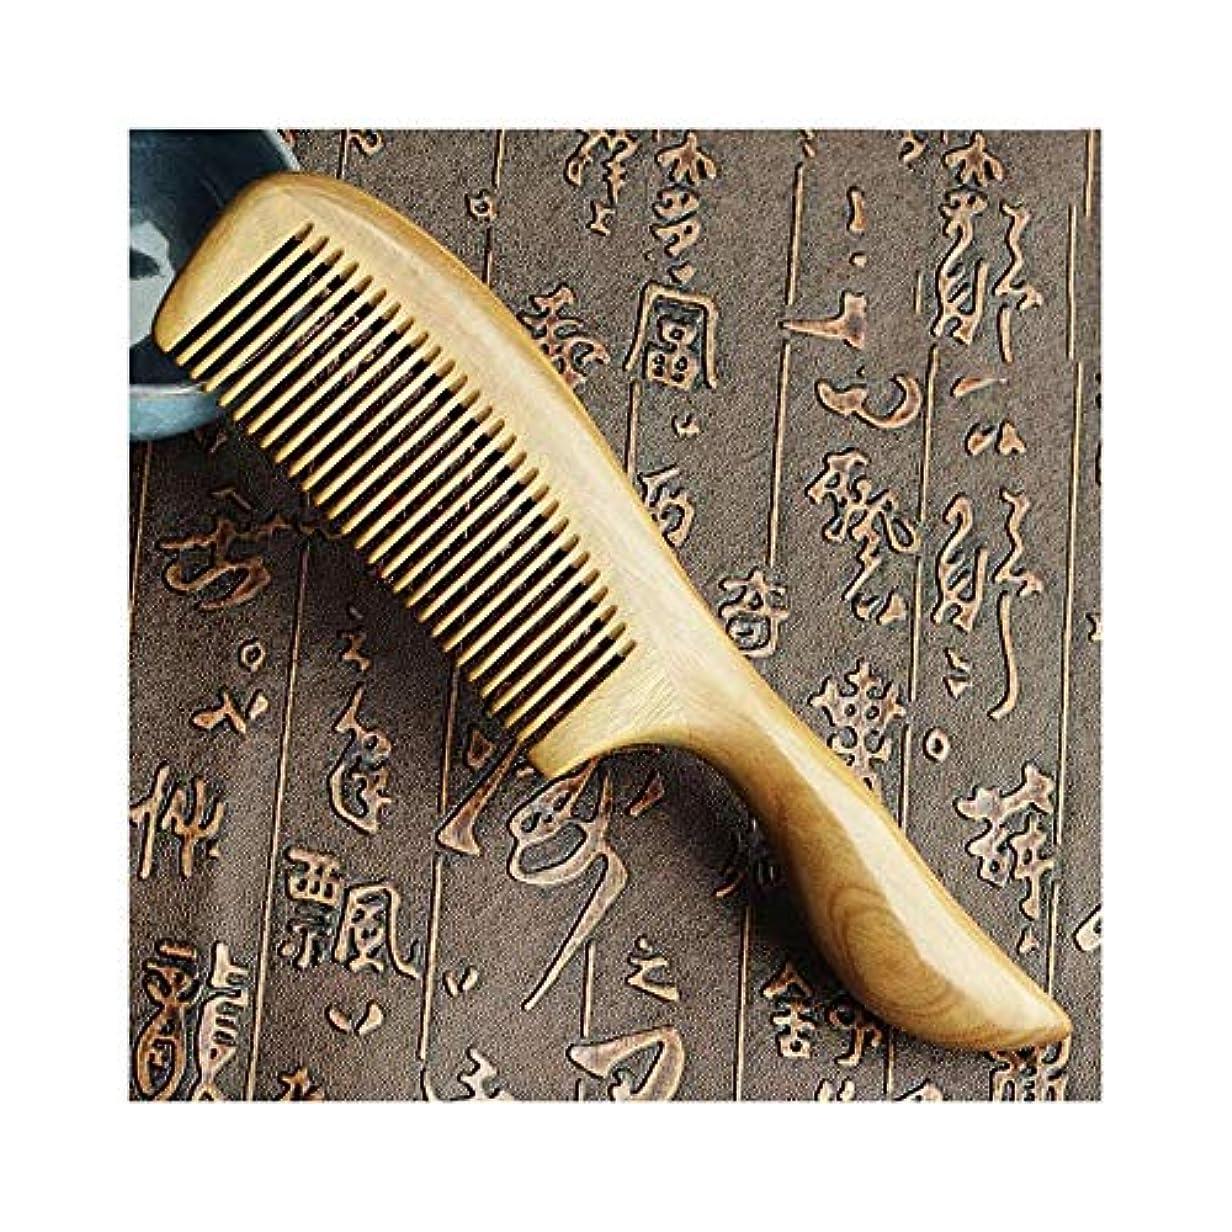 セットアップ一握り取得ZYDP 手作りの木製の櫛天然バッファローホーンコームコンパクトな歯サンダルウッドマッサージヘアコーム (色 : 1815)